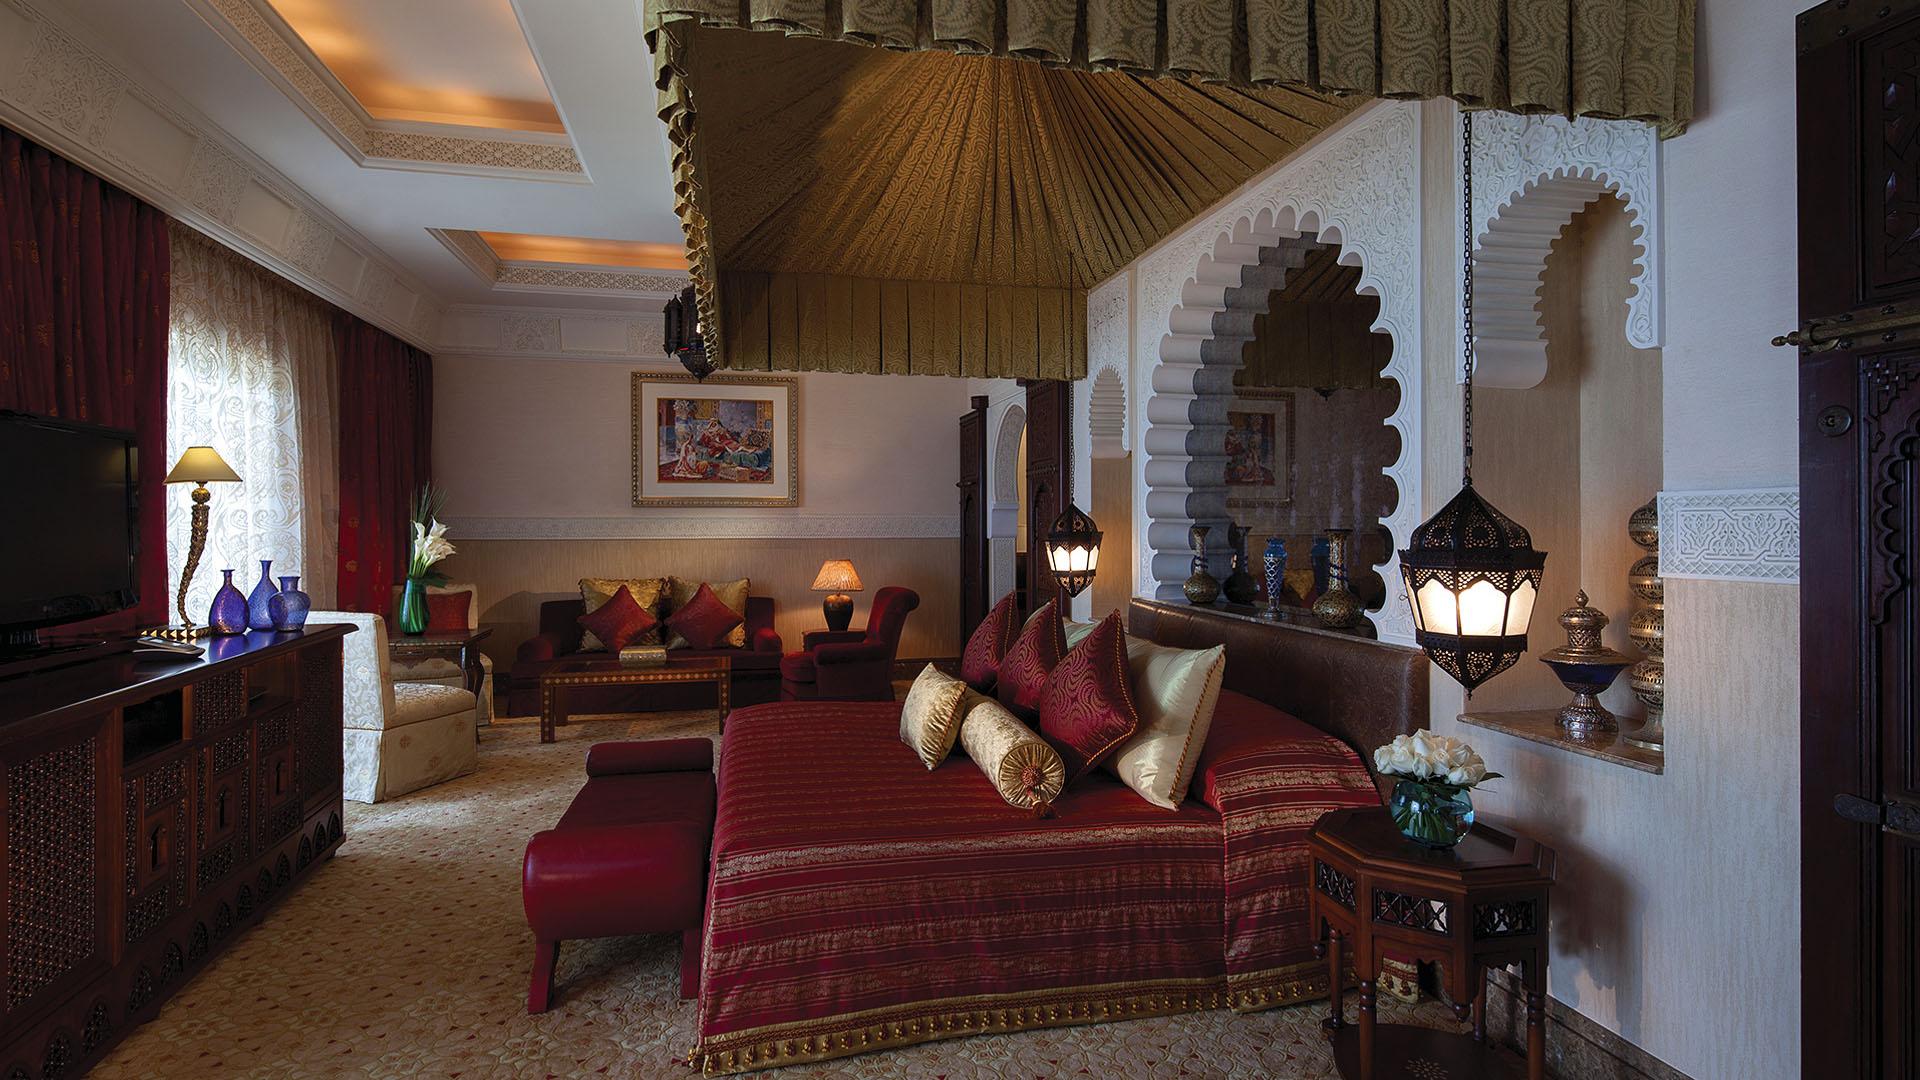 Багате оздоблення кімнат, оформлених в традиційному арабському стилі, величні морські види і розкішне оточення обіцяють воістину королівський відпочинок.